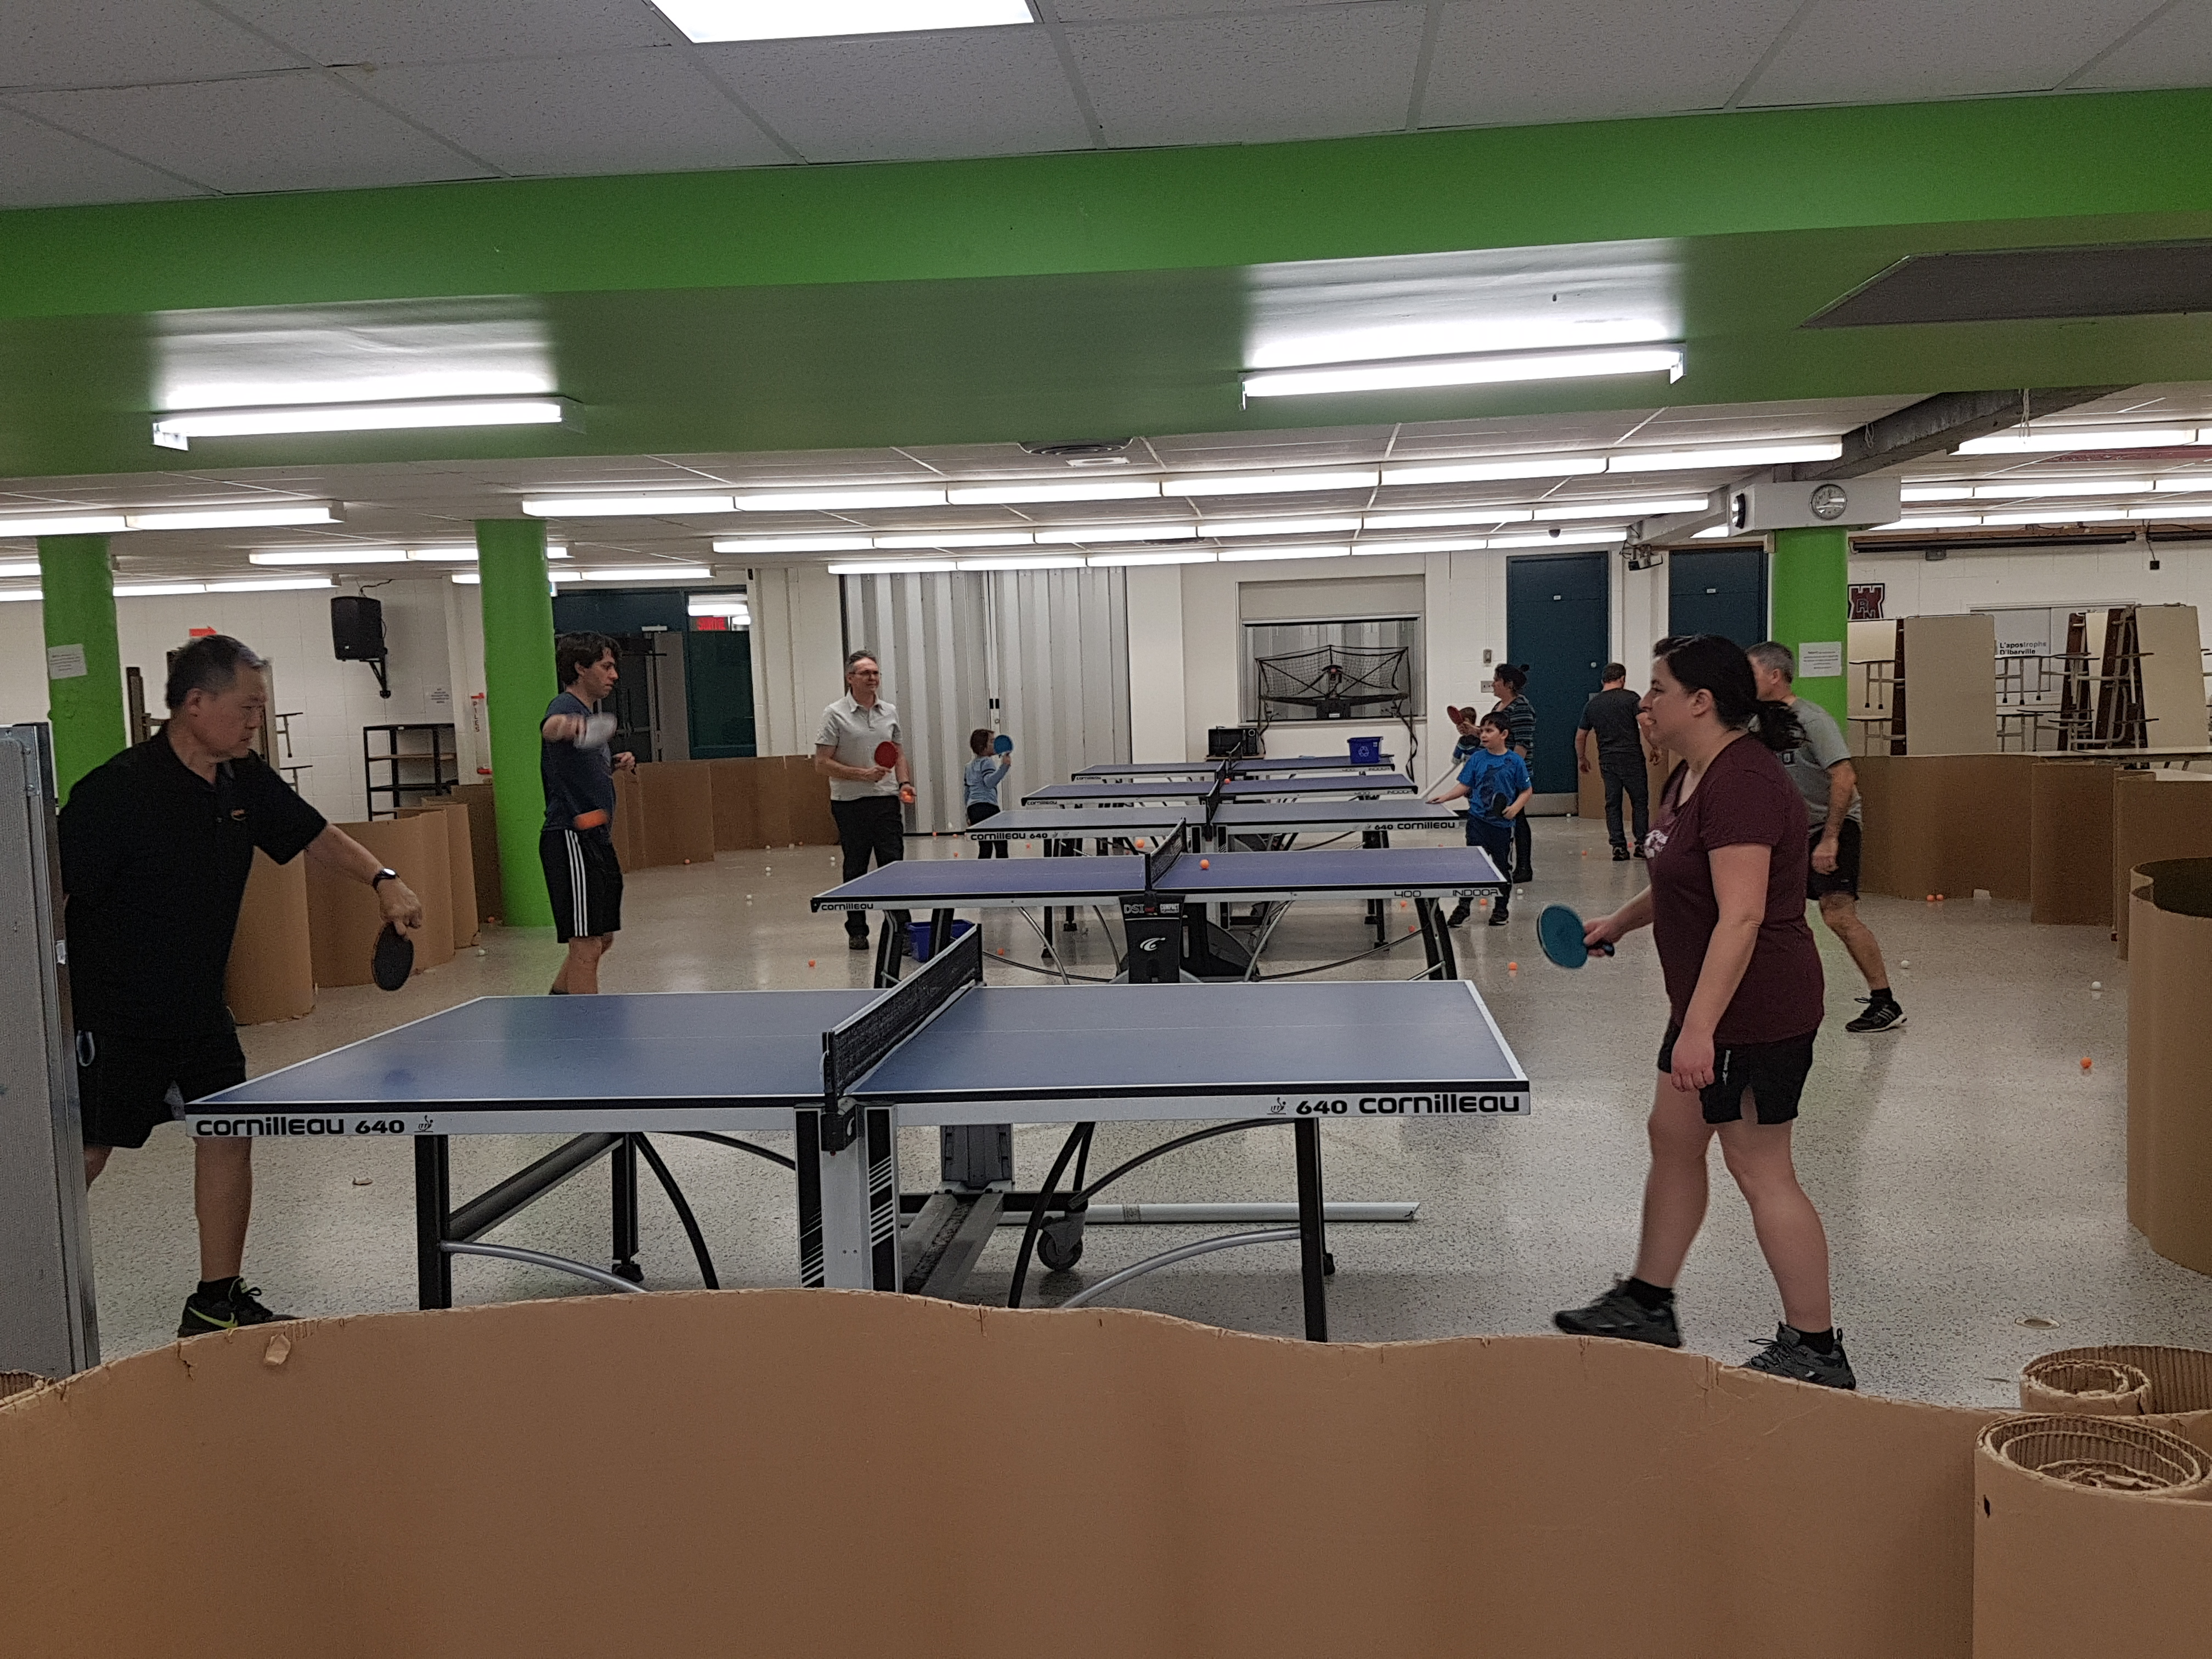 Club de tennis de table R-N